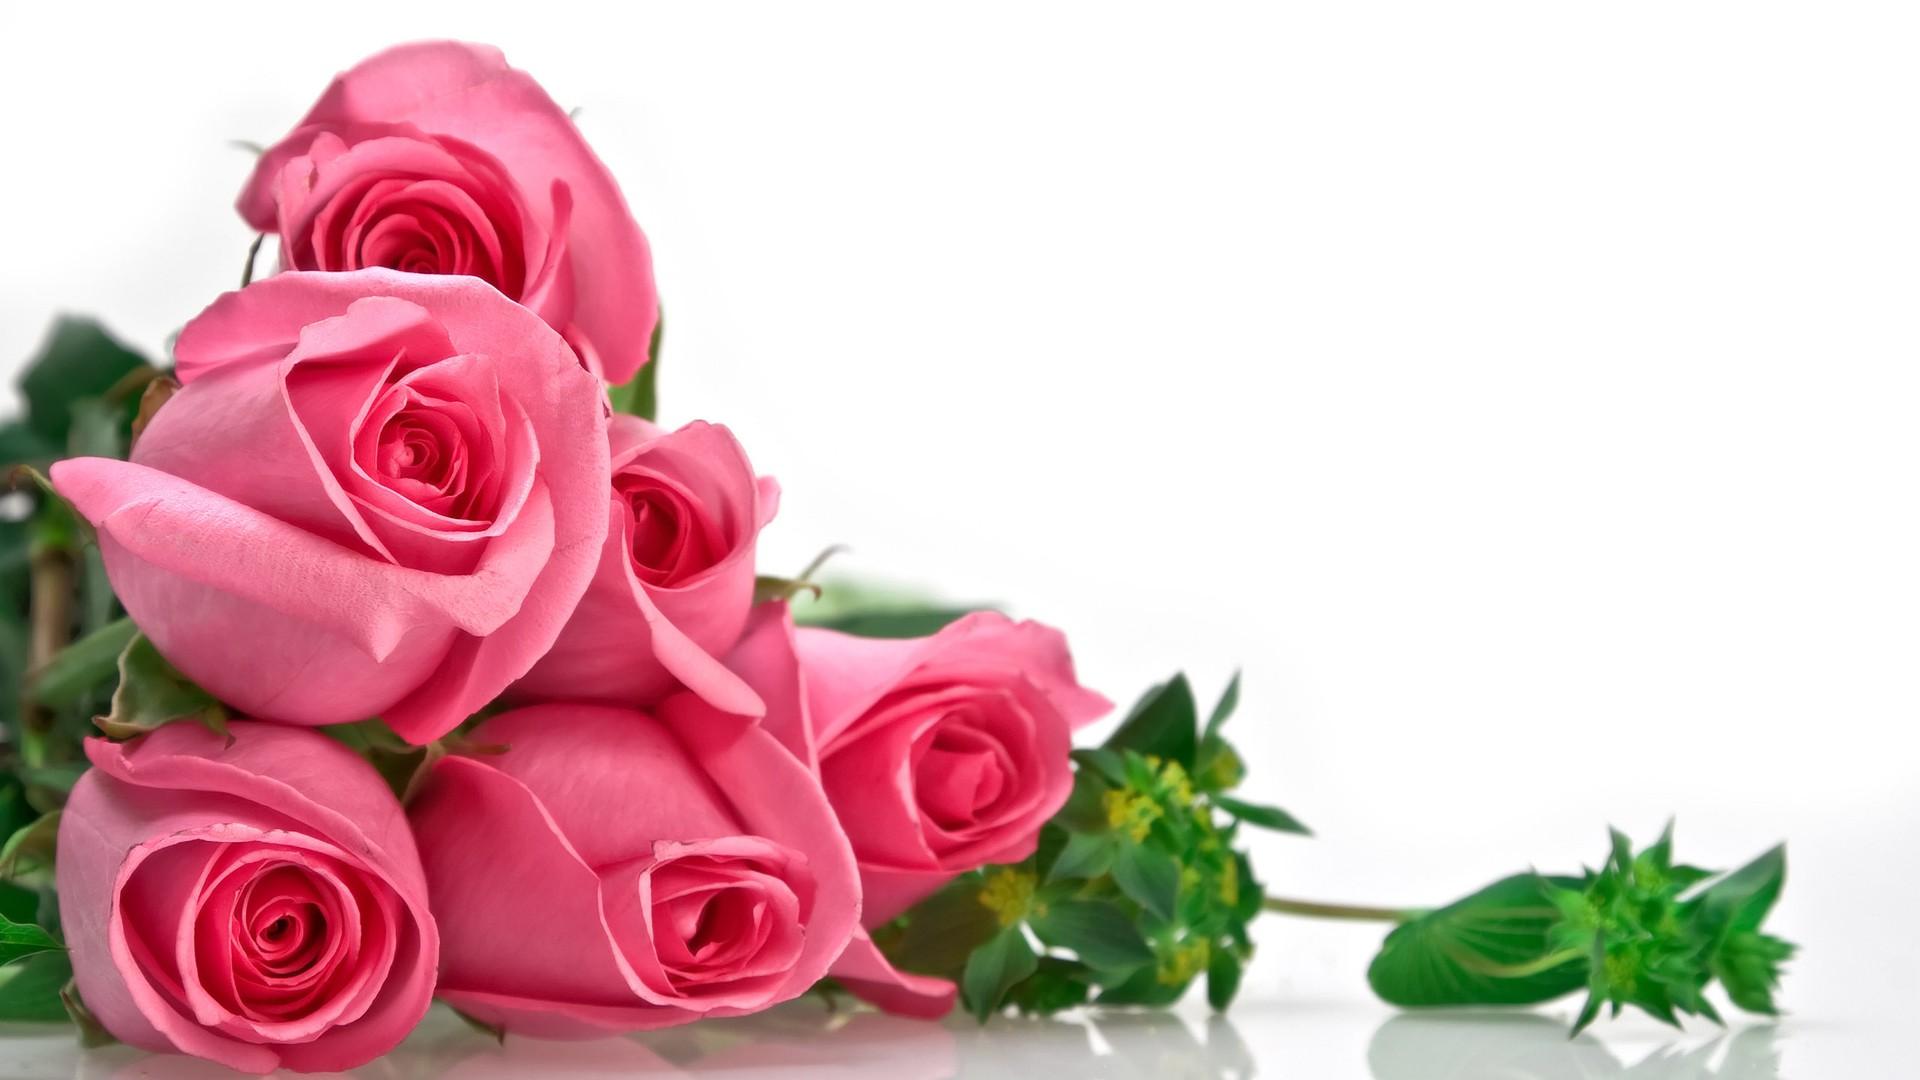 Hoa hồng là món quà tình yêu mãnh liệt nồng cháy